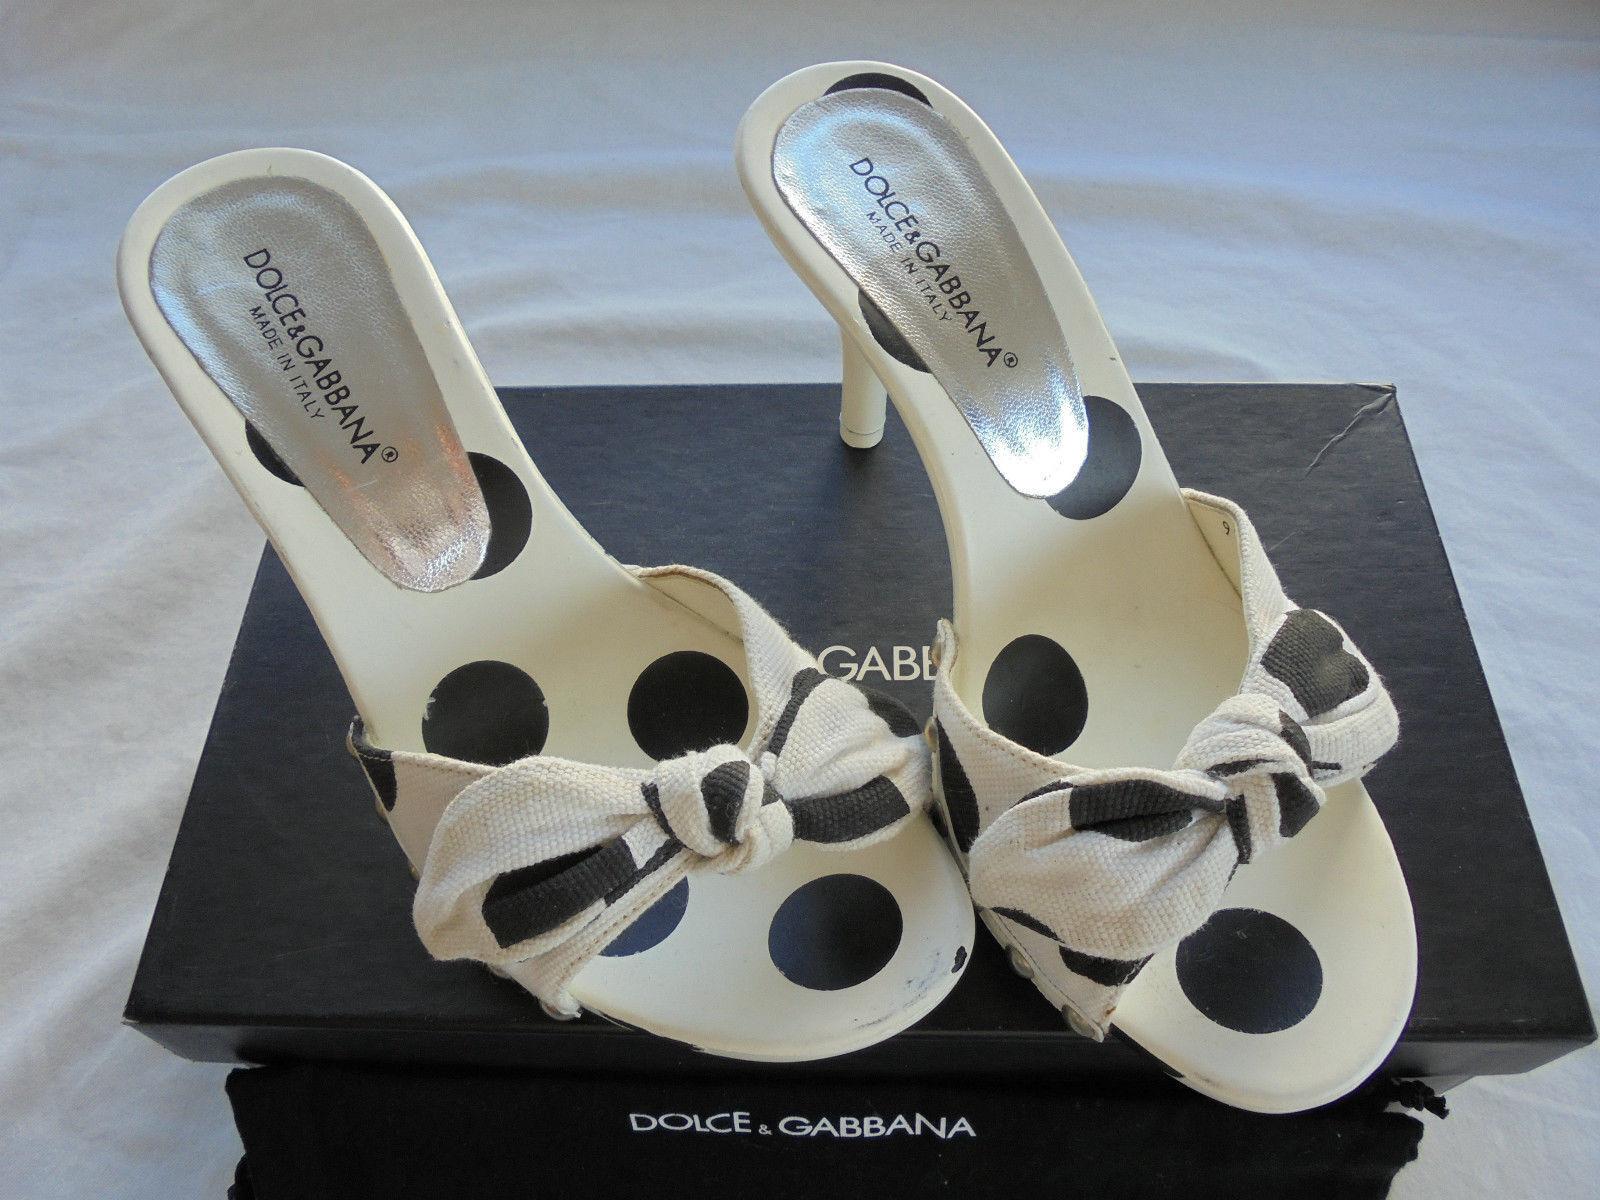 Süße High Dolce&Gabbana Sandaletten NP:  w NEU Schuhe High Süße Heels Pumps Gr. 36 47e2ee